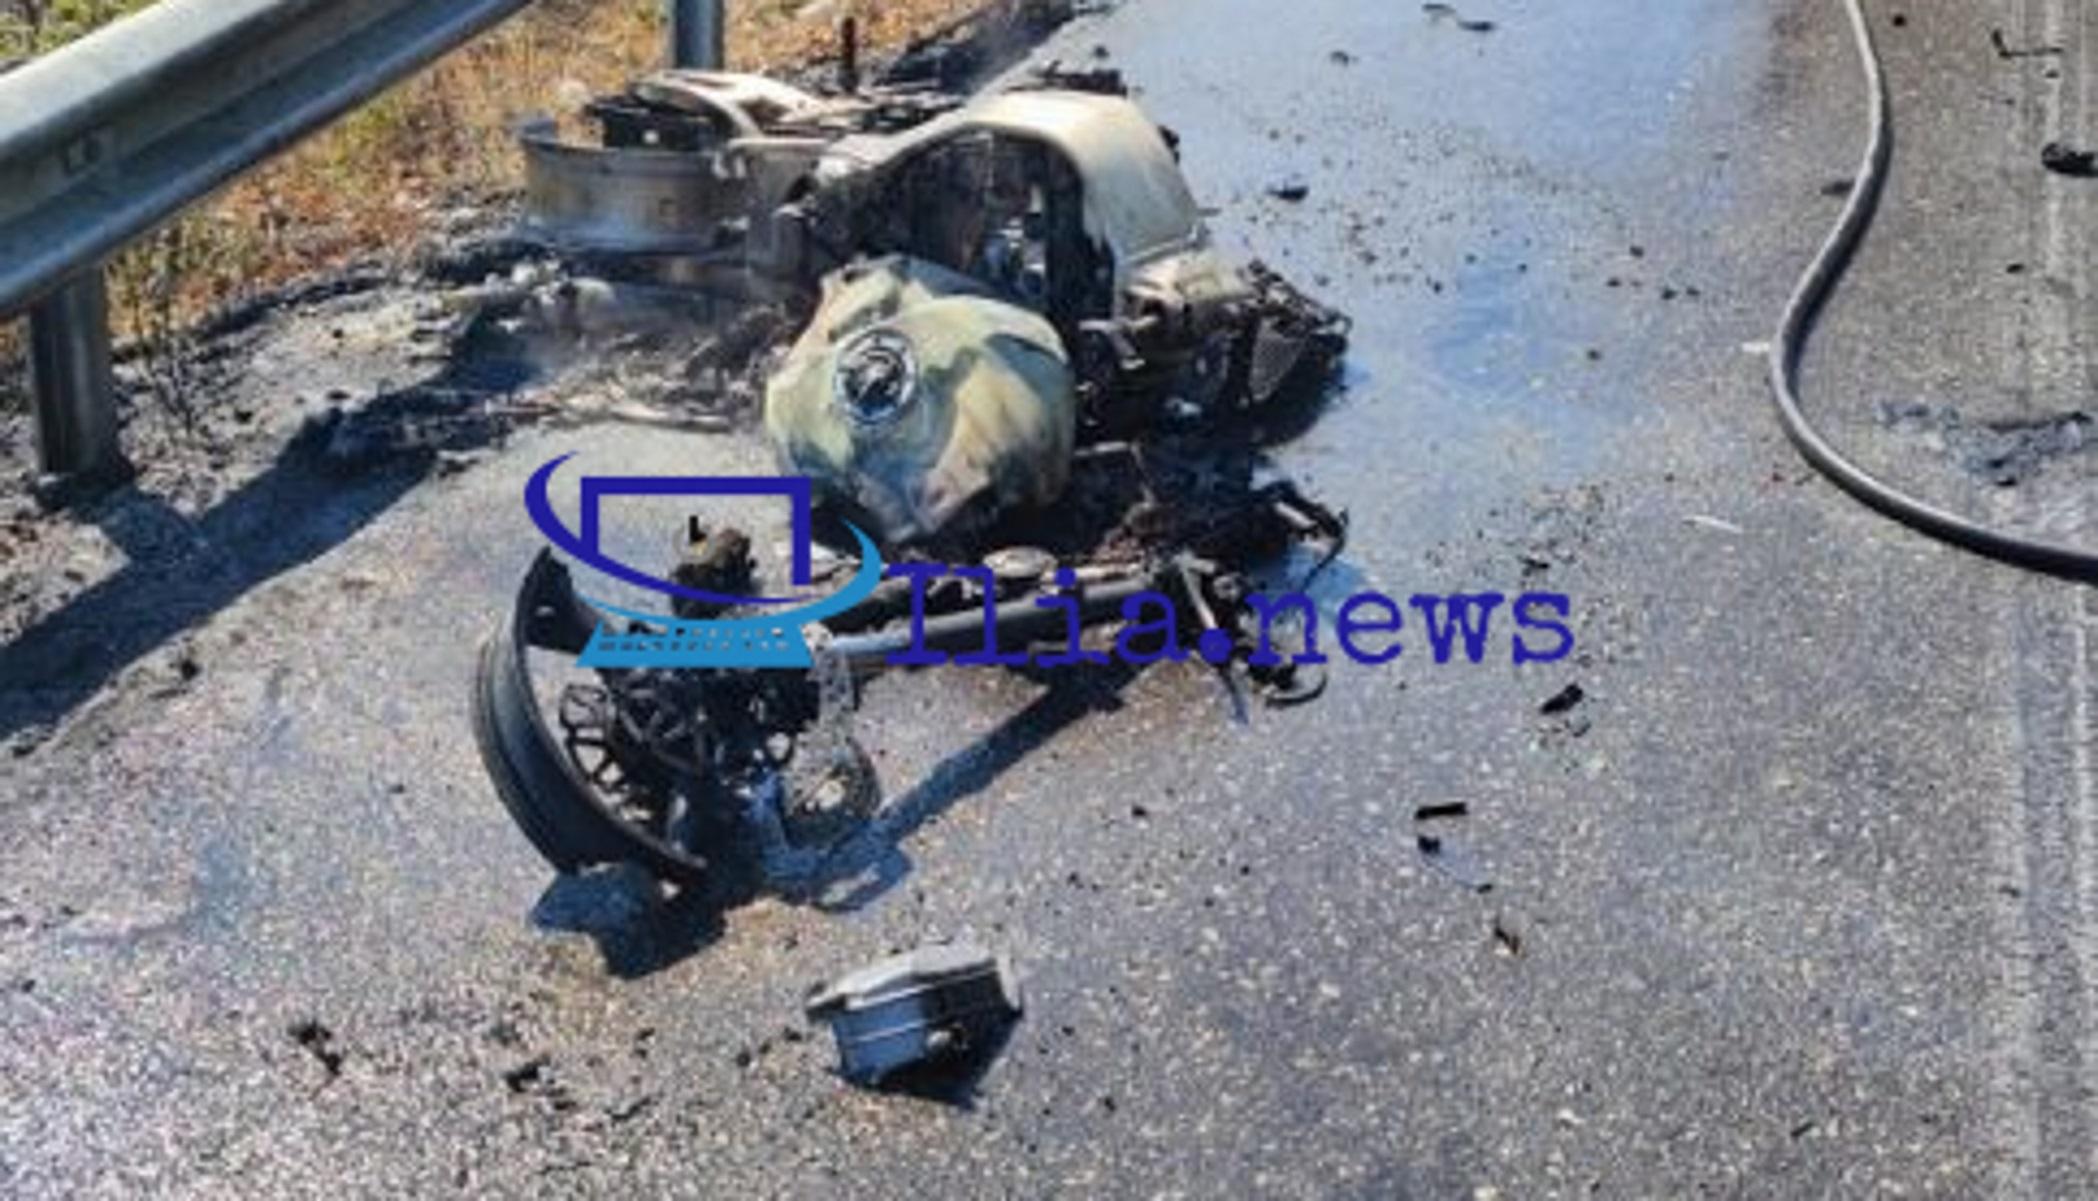 Ηλεία: Νεκρός μοτοσικλετιστής στη Γαστούνη – Τον παρέσυρε αγροτικό που βγήκε απ' τα χωράφια